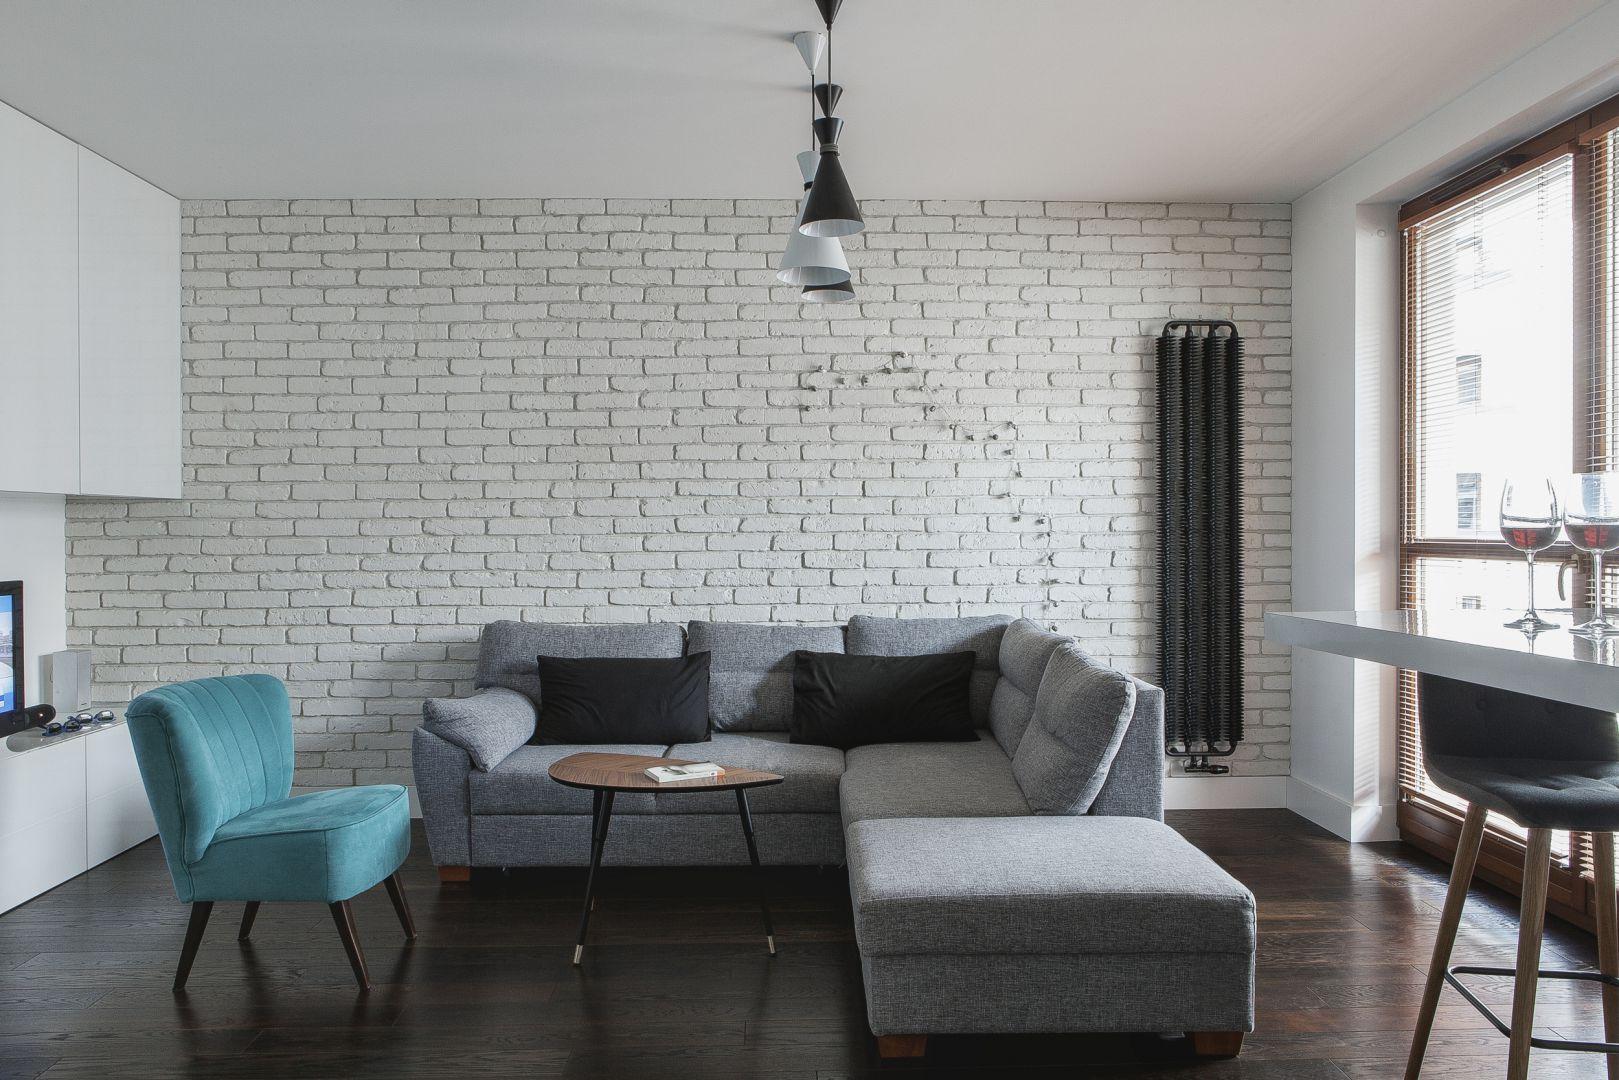 Nieduże mieszkanie w nowoczesnym stylu. Projekt: Anna Nowak-Paziewska. Fot. Emi Karpowicz